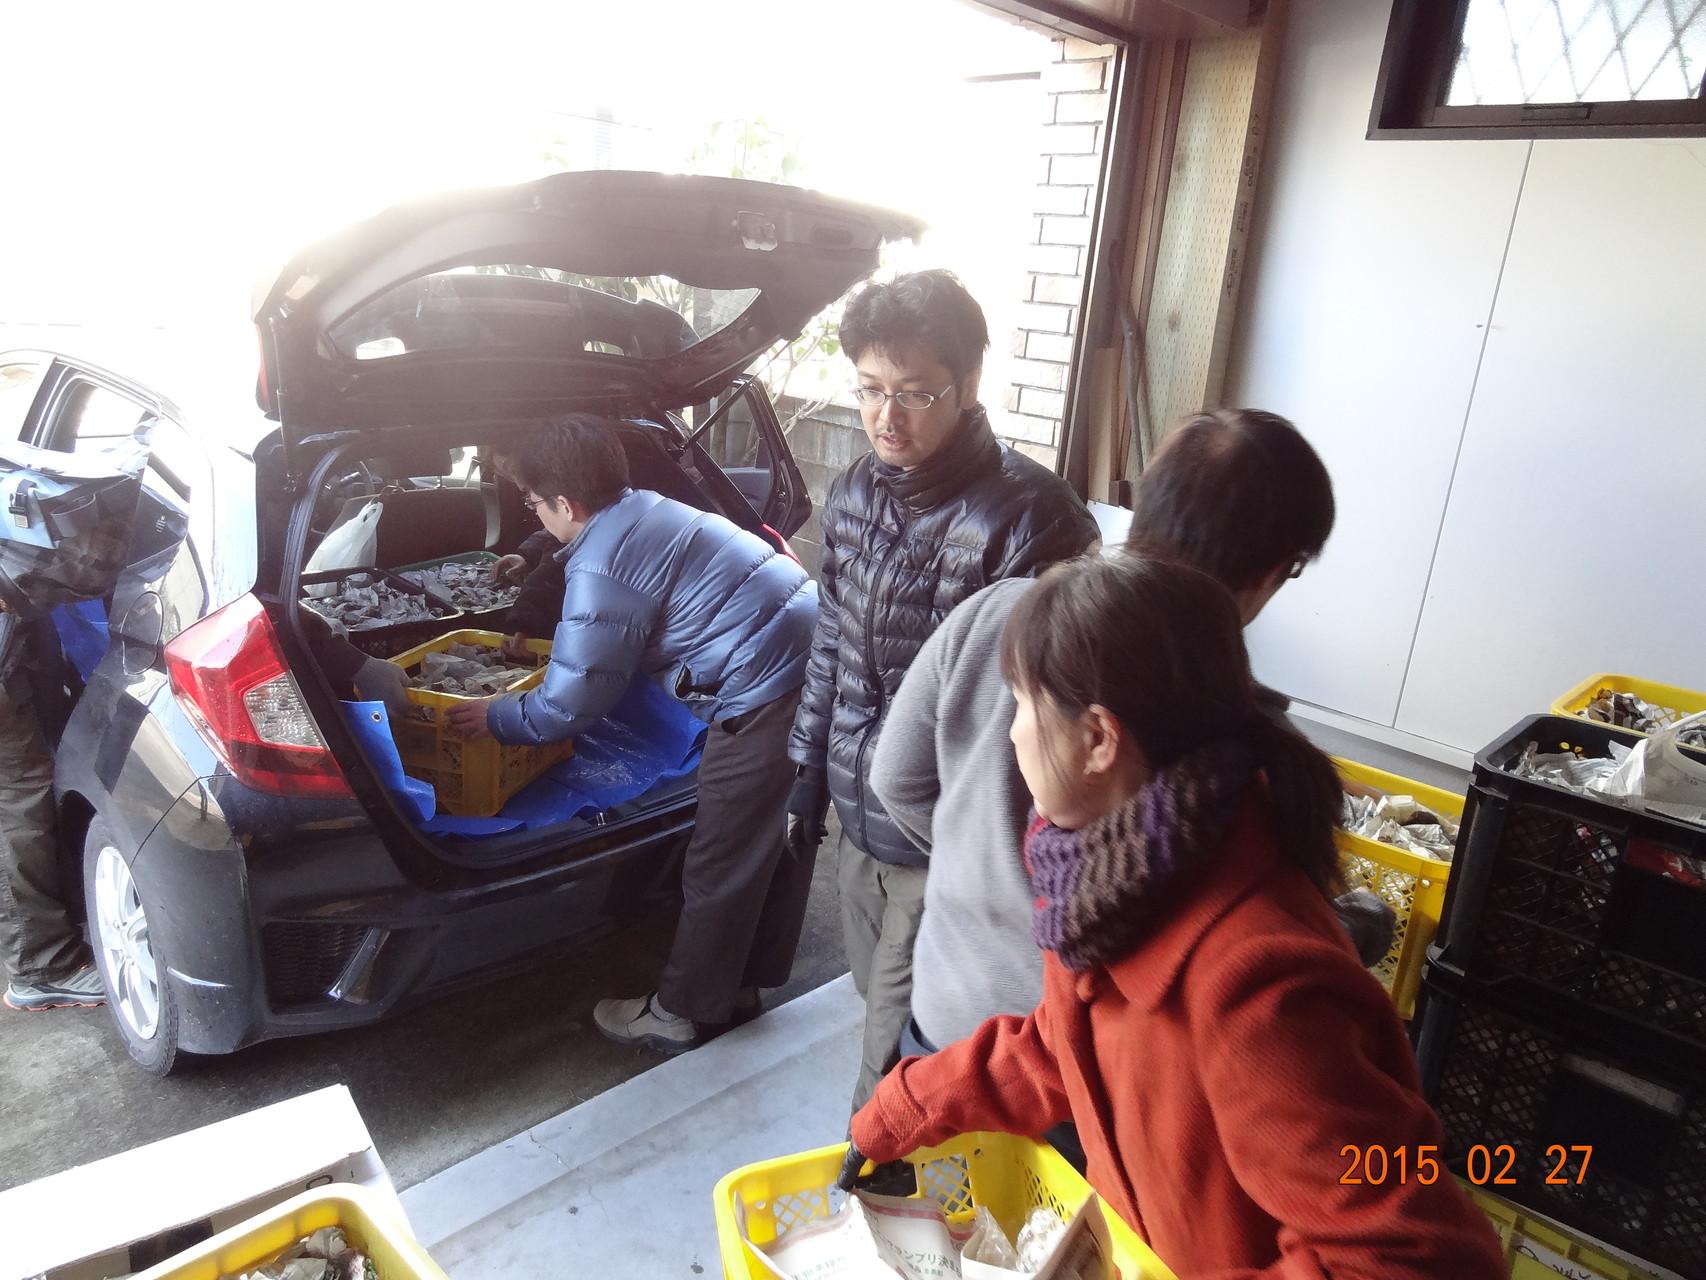 朝9:00、上三川にて積み込み開始。約3000個の陶器をお届けします。